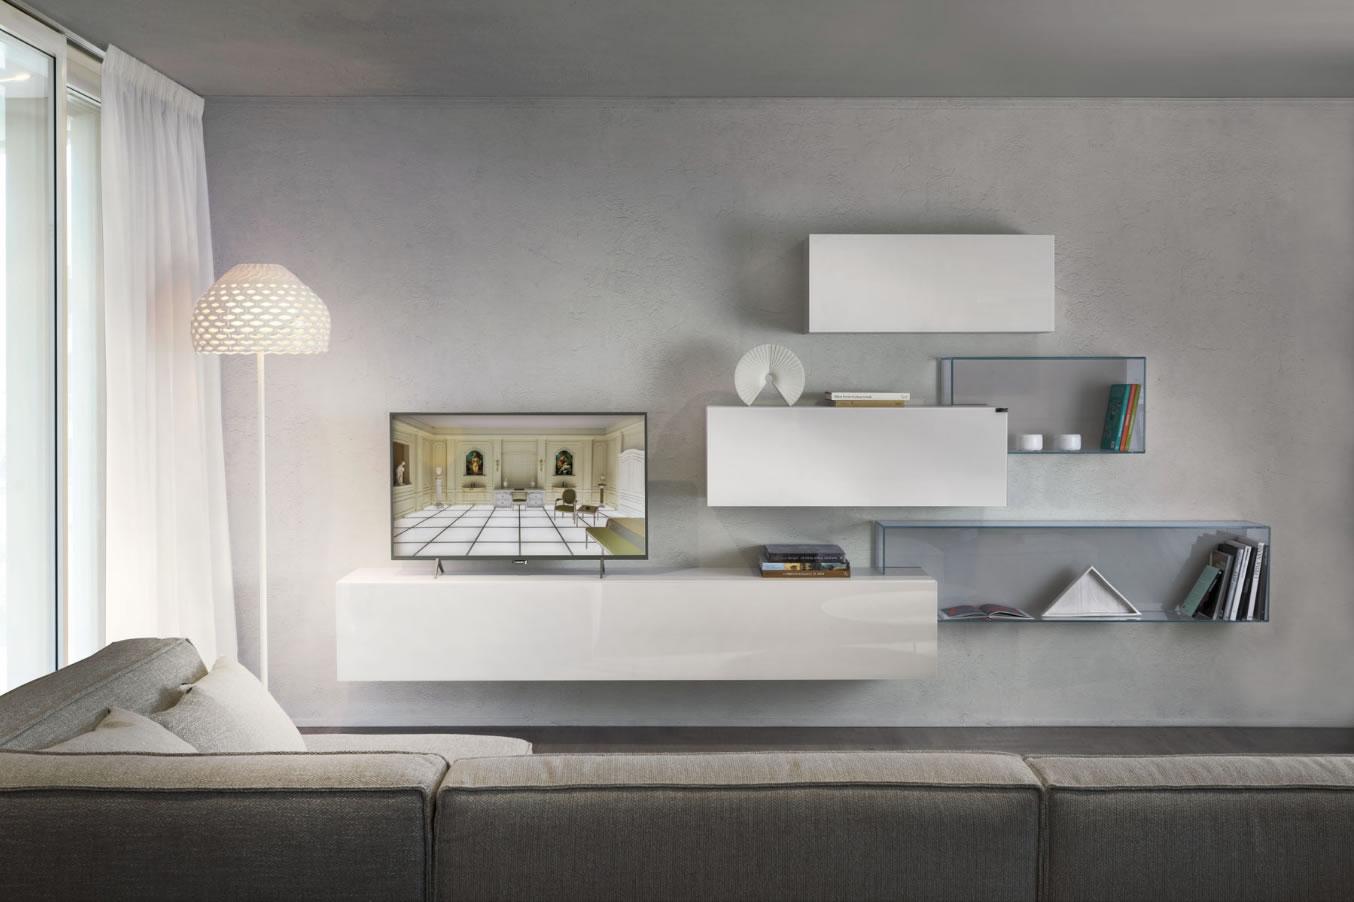 Lago parete attrezzata 36.8 - Strippoli Mobili Corato Home Design ...